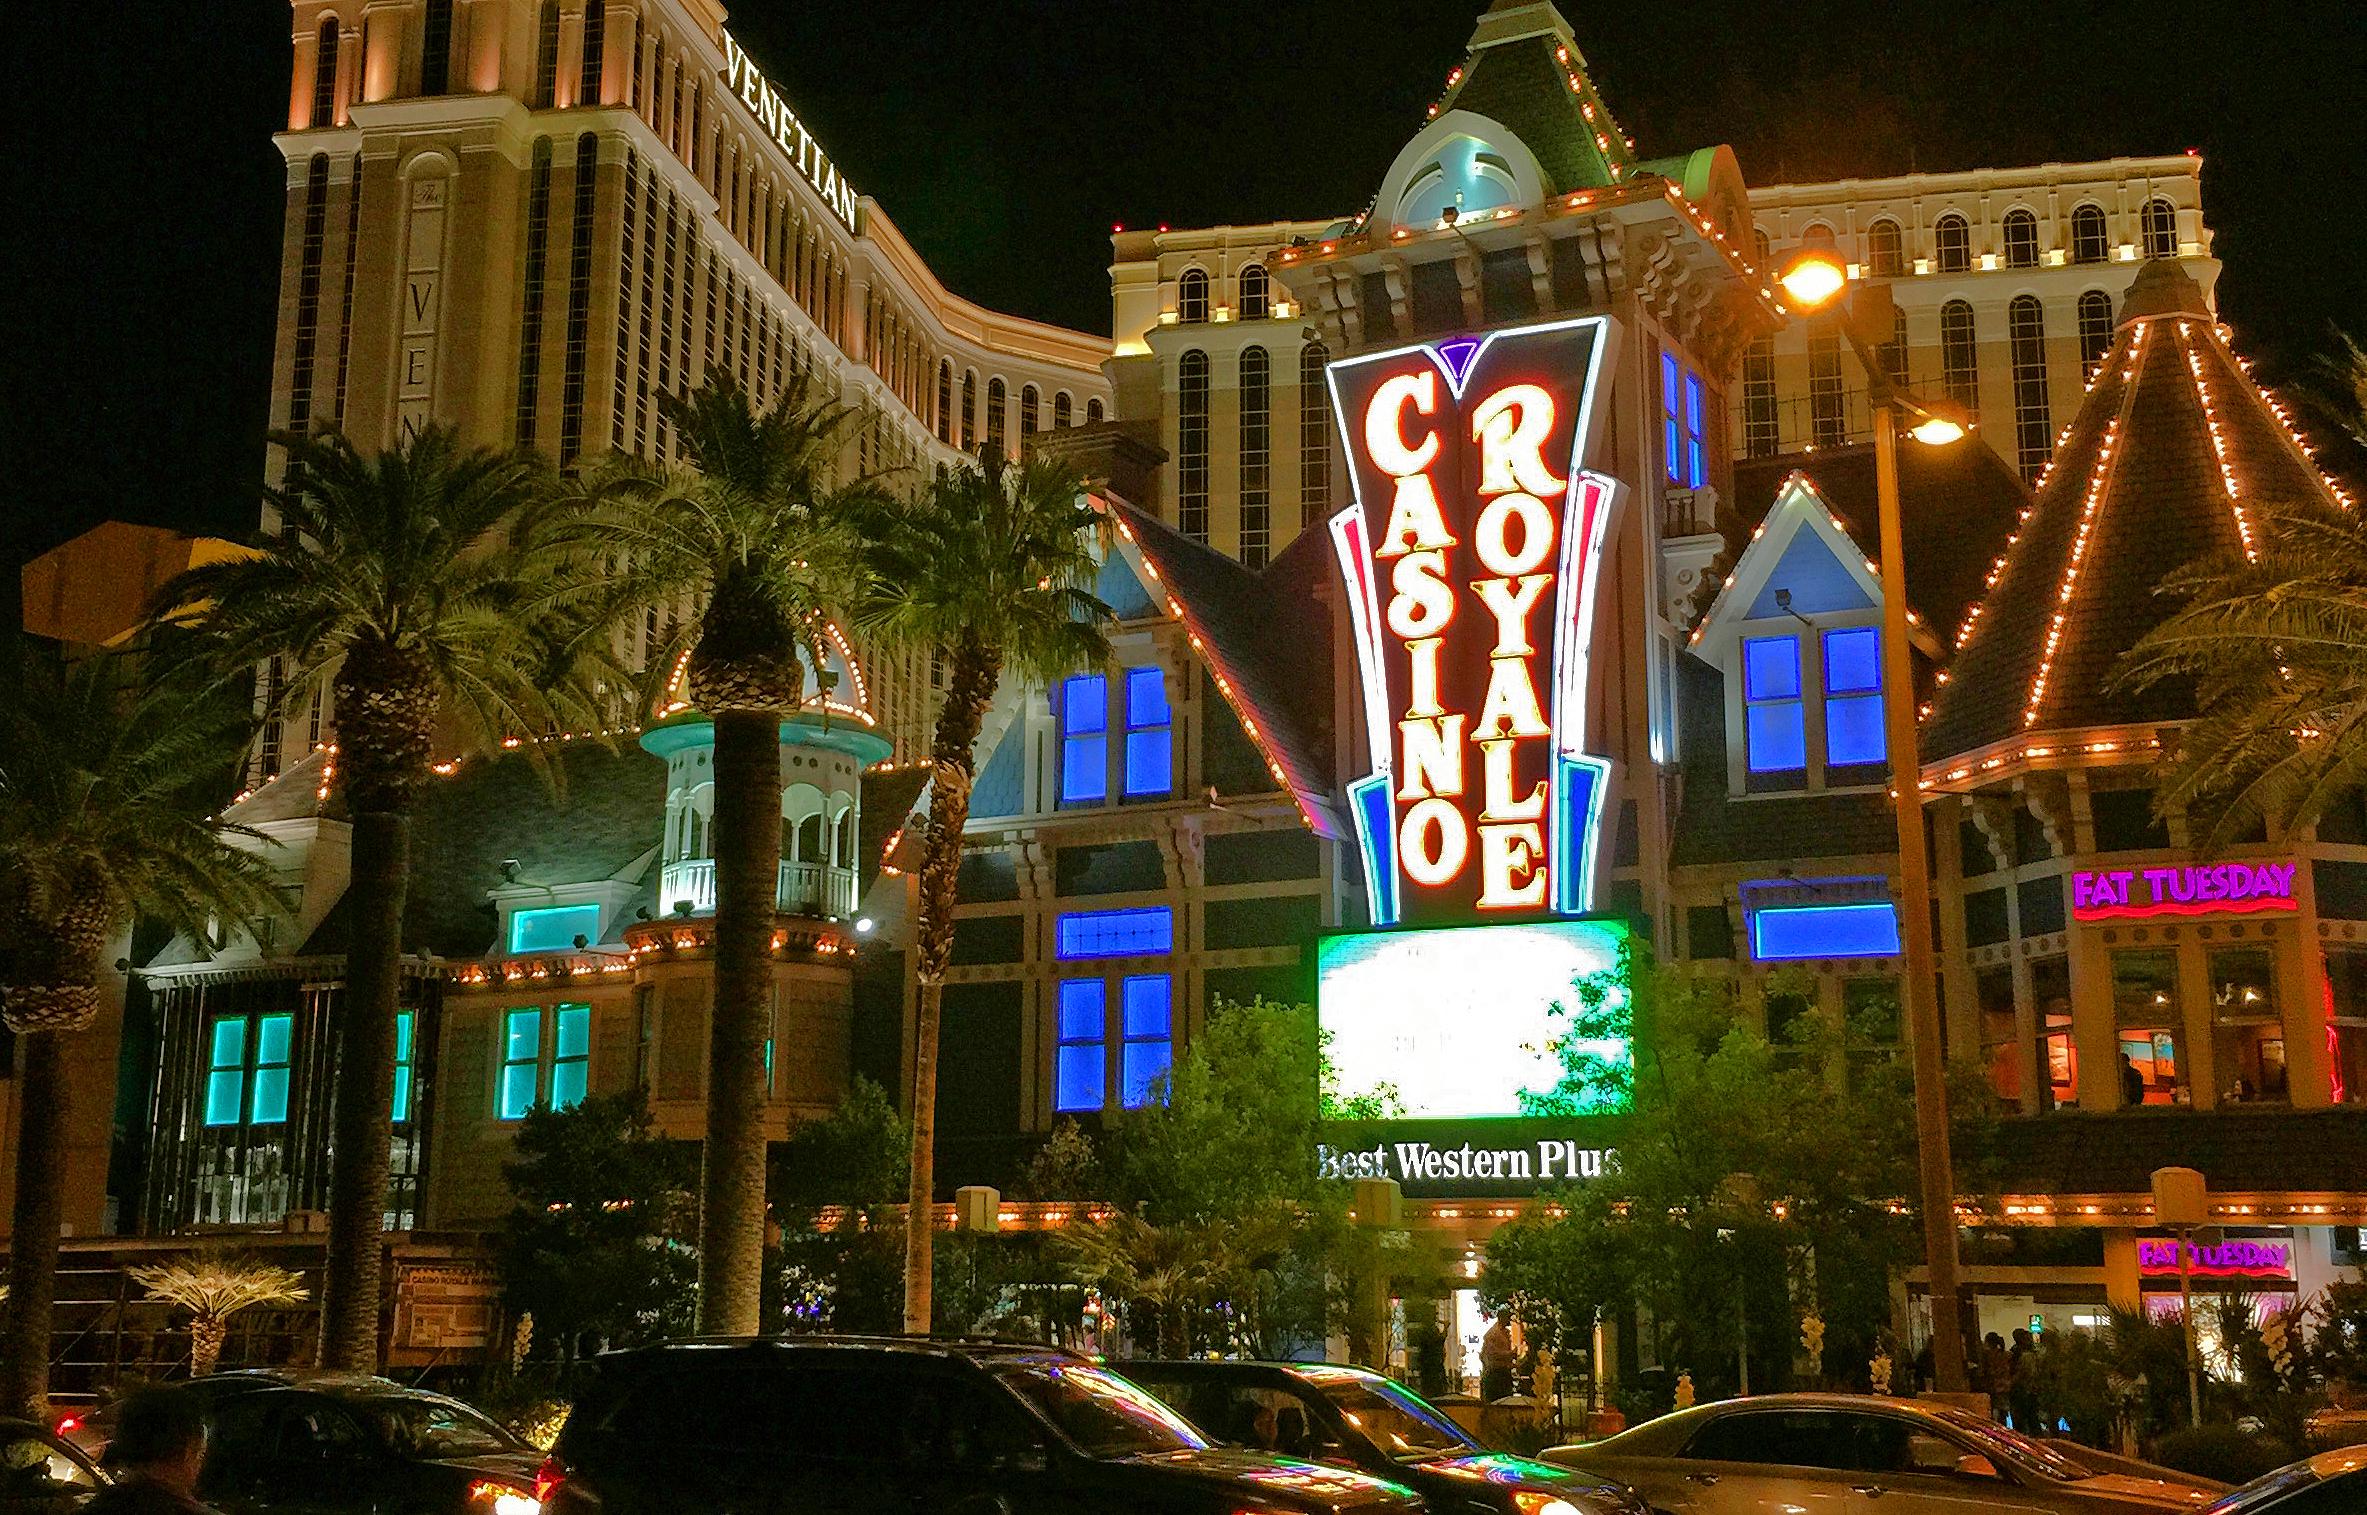 Best Western Plus Casino Royale - Eröffnet: 1978Casino-Grösse: 2'044m²Resort-Fee: 0 US-DollarZimmeranzahl: 151 Zimmer, 3 SuitenWirkt wie ein Relikt aus alten Zeiten. Als einziges Hotel am Las Vegas Strip müssen Sie zu den Zimmerpreisen obendrein keine Resort-Fees bezahlen. Nutzbare Kühlschränke sind in jedem Zimmer vorhanden.